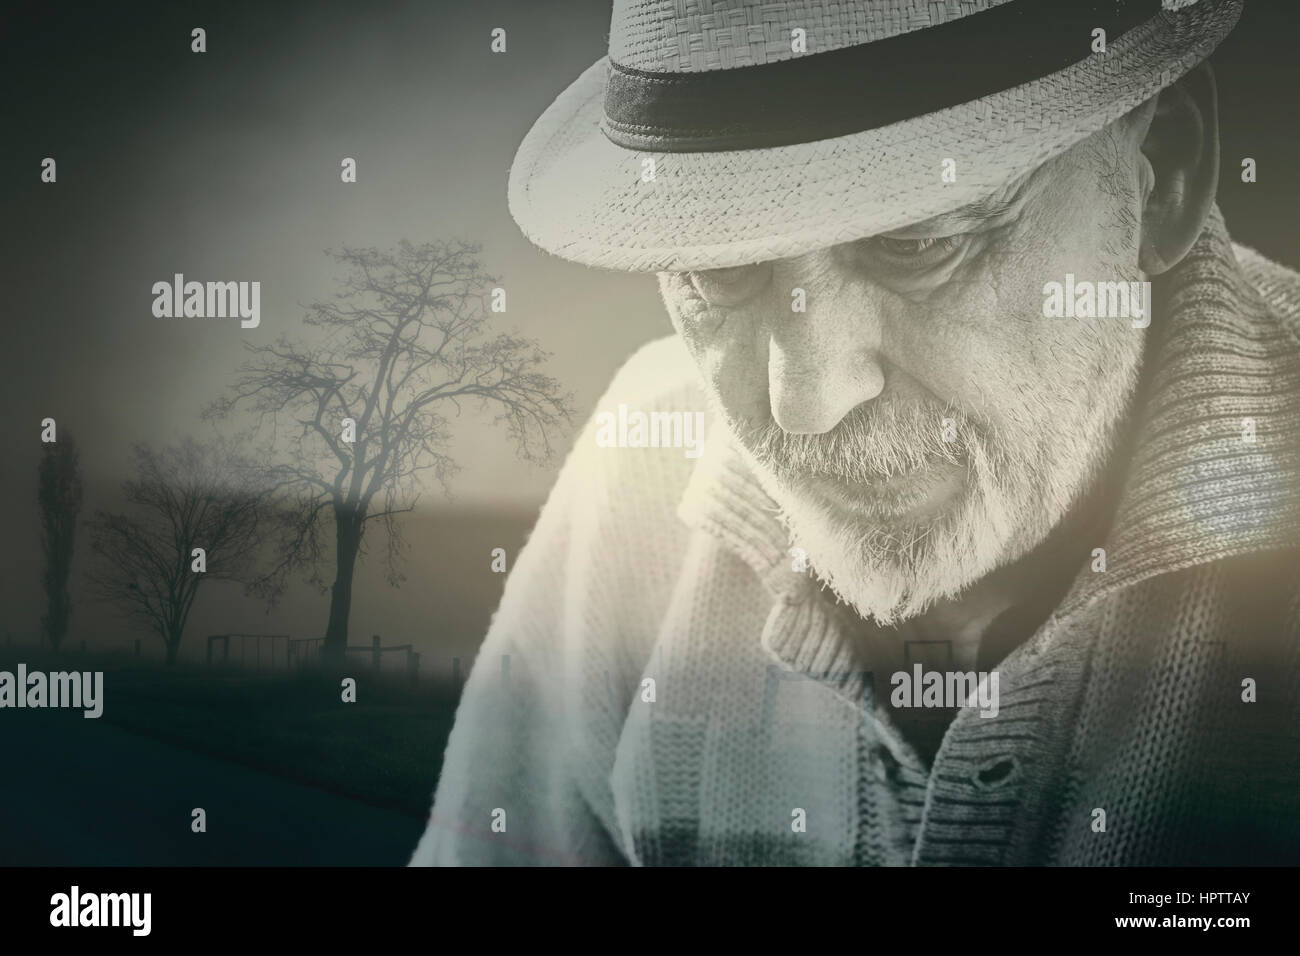 Hombre mayor de edad Imagen De Stock